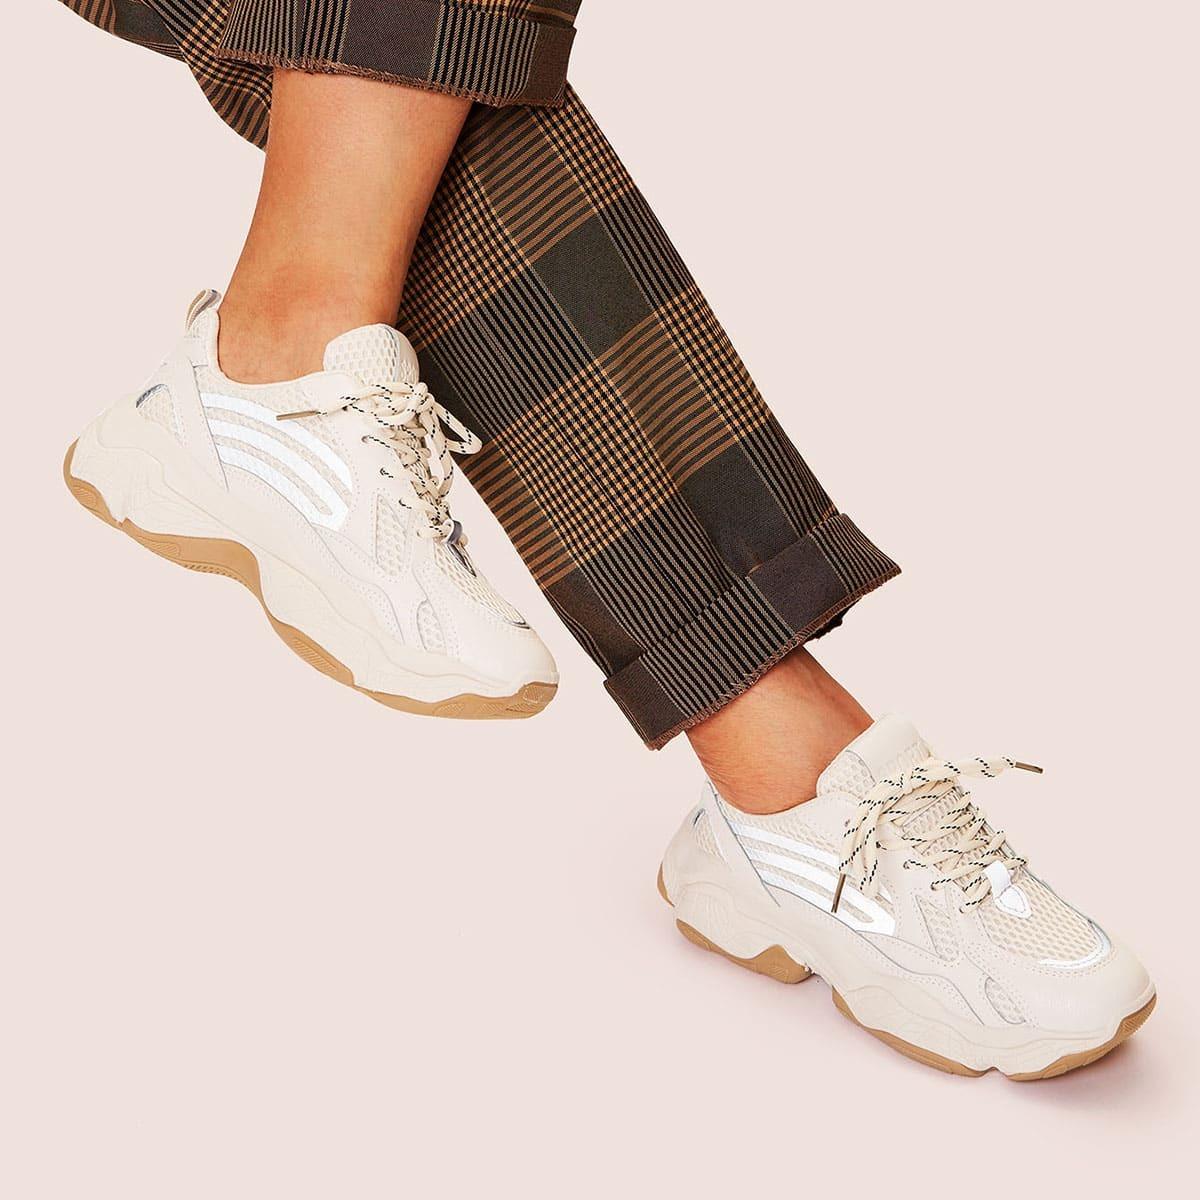 Кроссовки на шнуровке с толстой подошвой от SHEIN